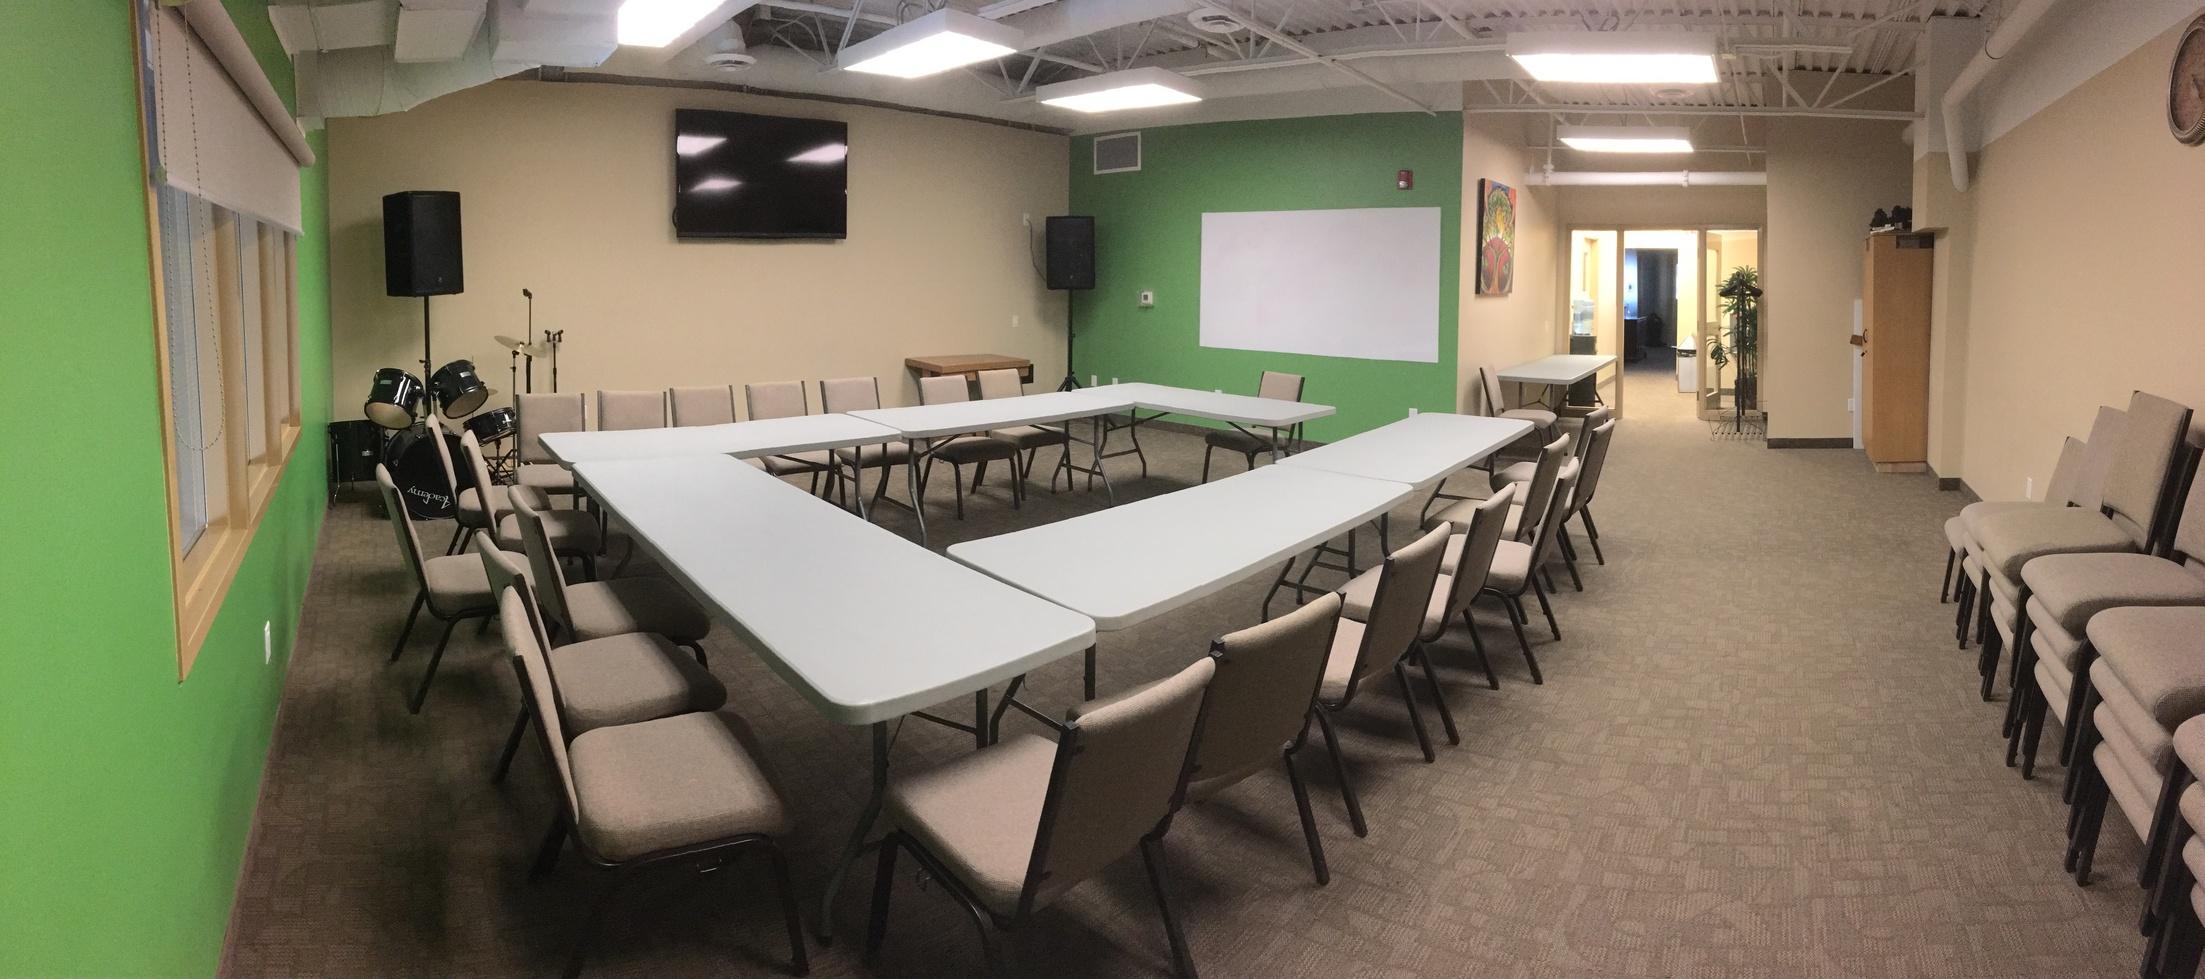 Large Seminar Room - view 2JPG.jpg